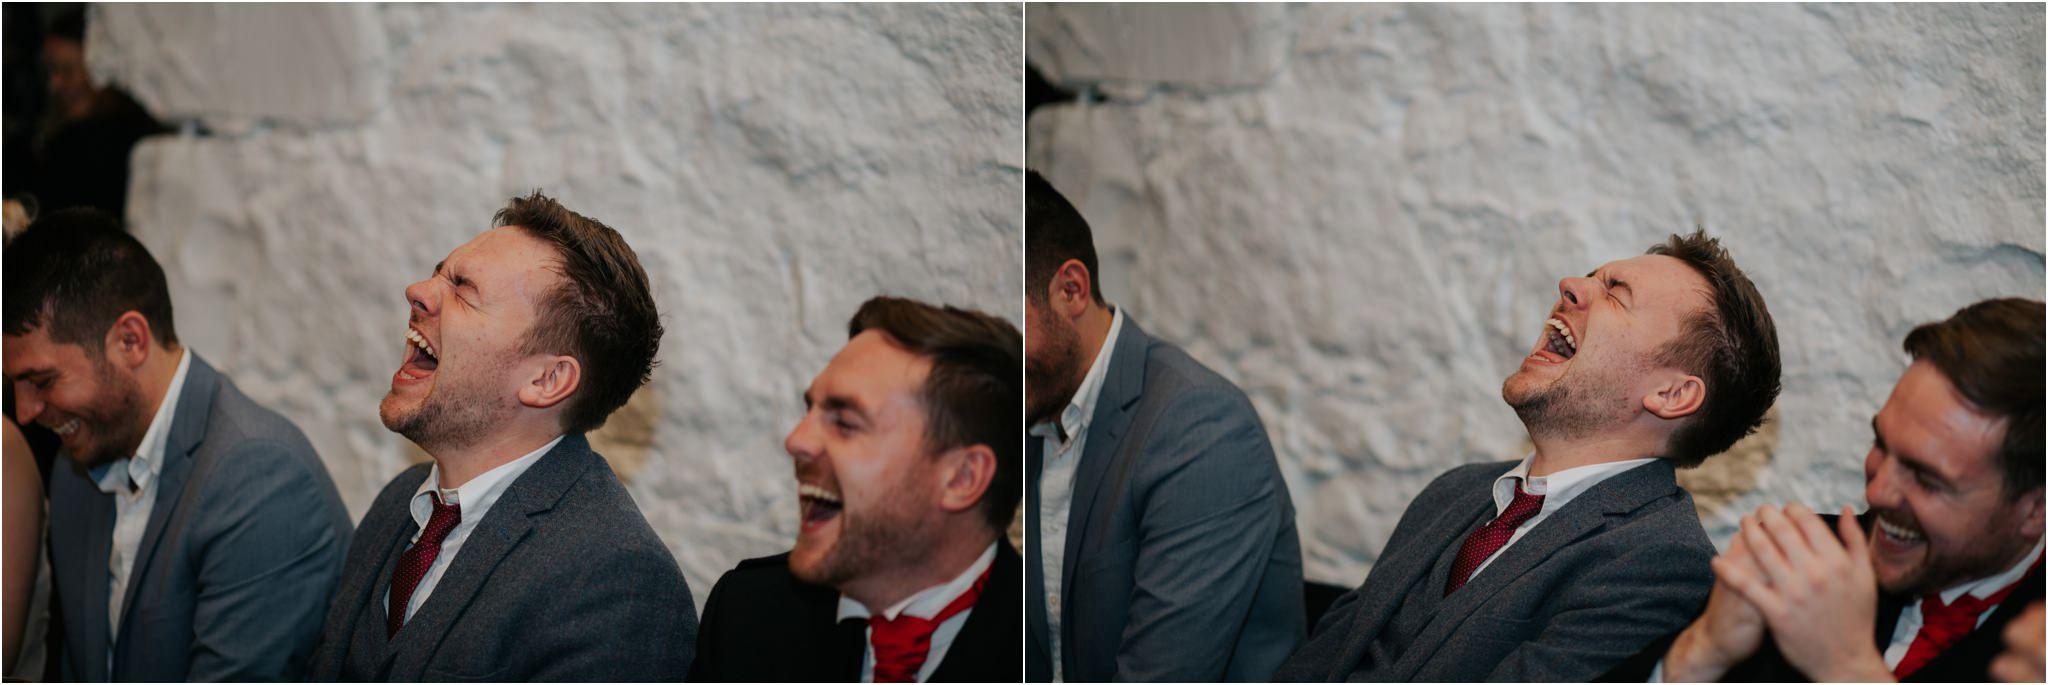 Photography 78 - Glasgow Wedding Photographer - Pete & Eilidh - Dalduff Farm_0091.jpg